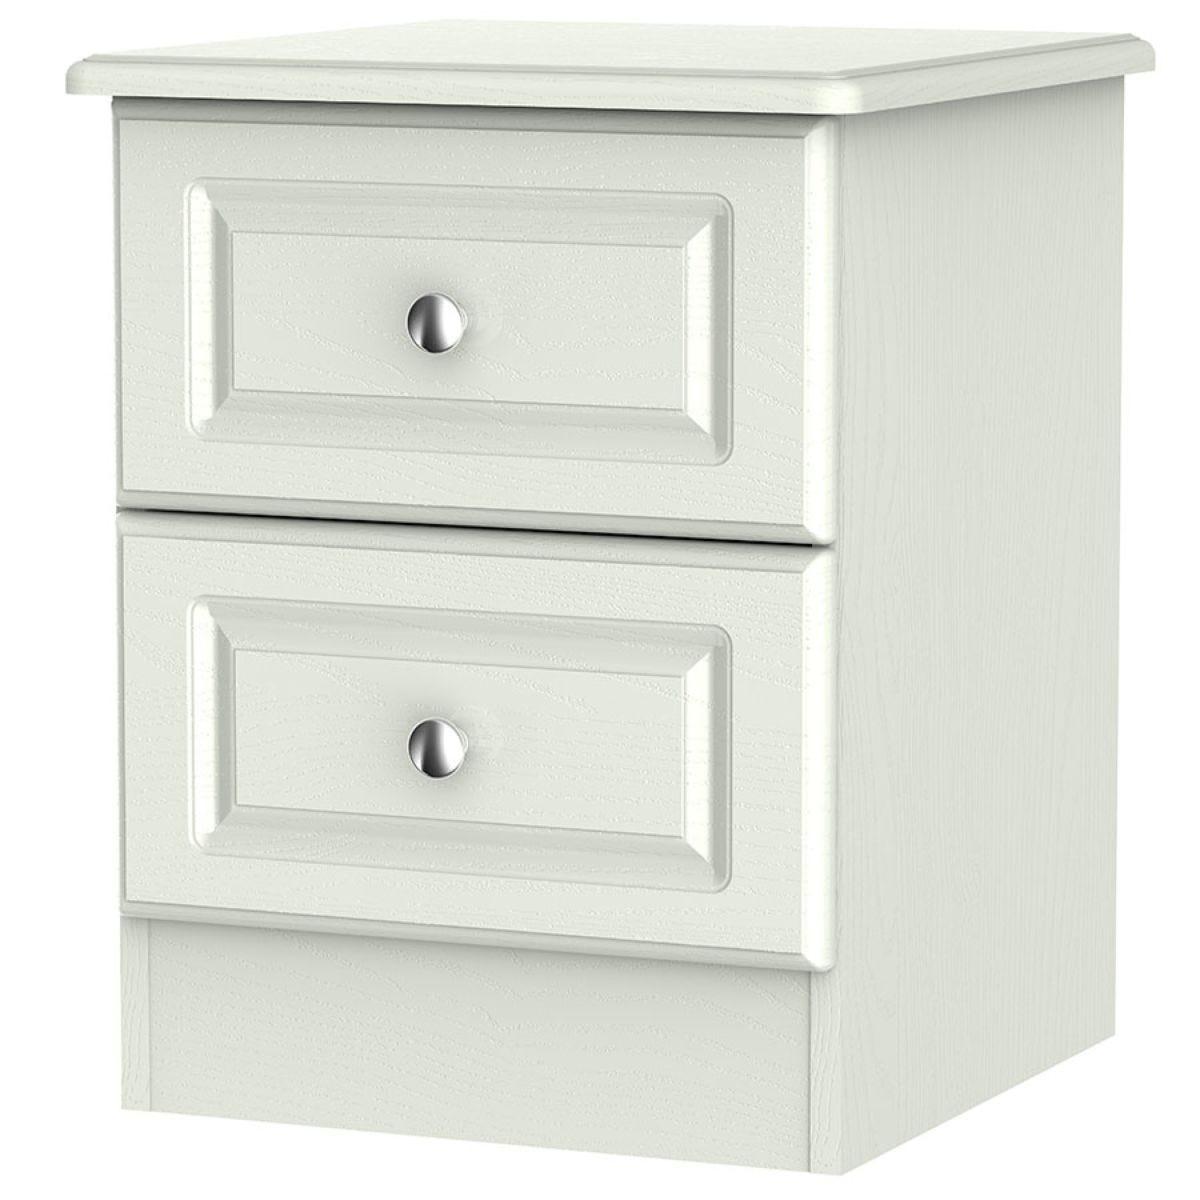 Montego 2-Drawer Bedside Table - Ash Grey